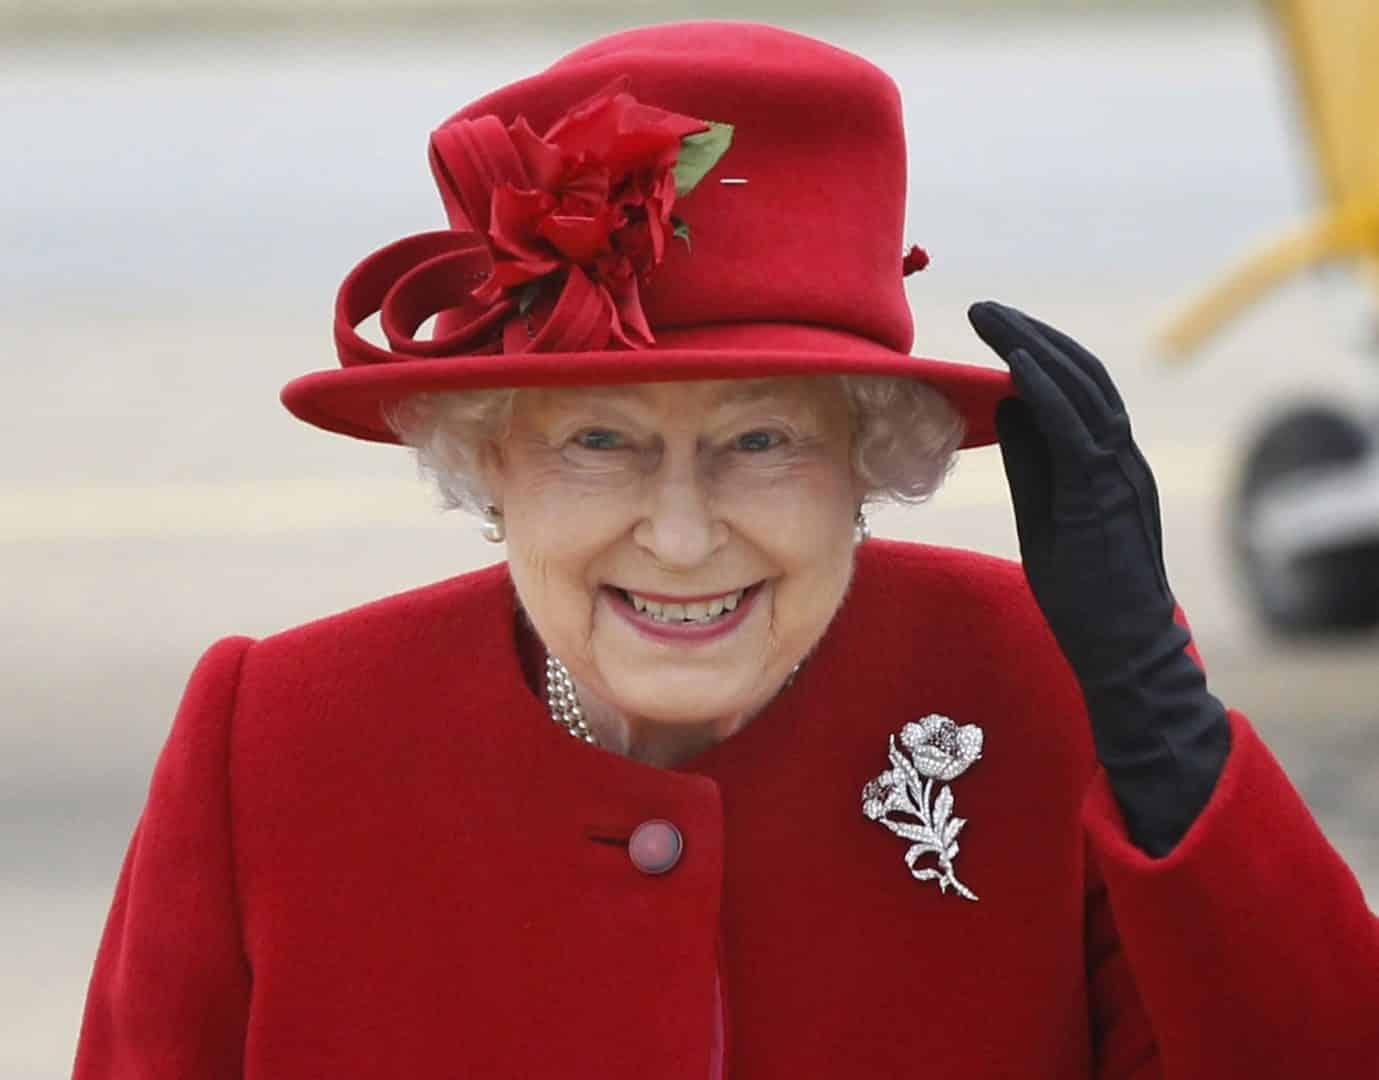 Rainha da Inglaterra, biografia e curiosidades sobre a rainha Elizabeth II